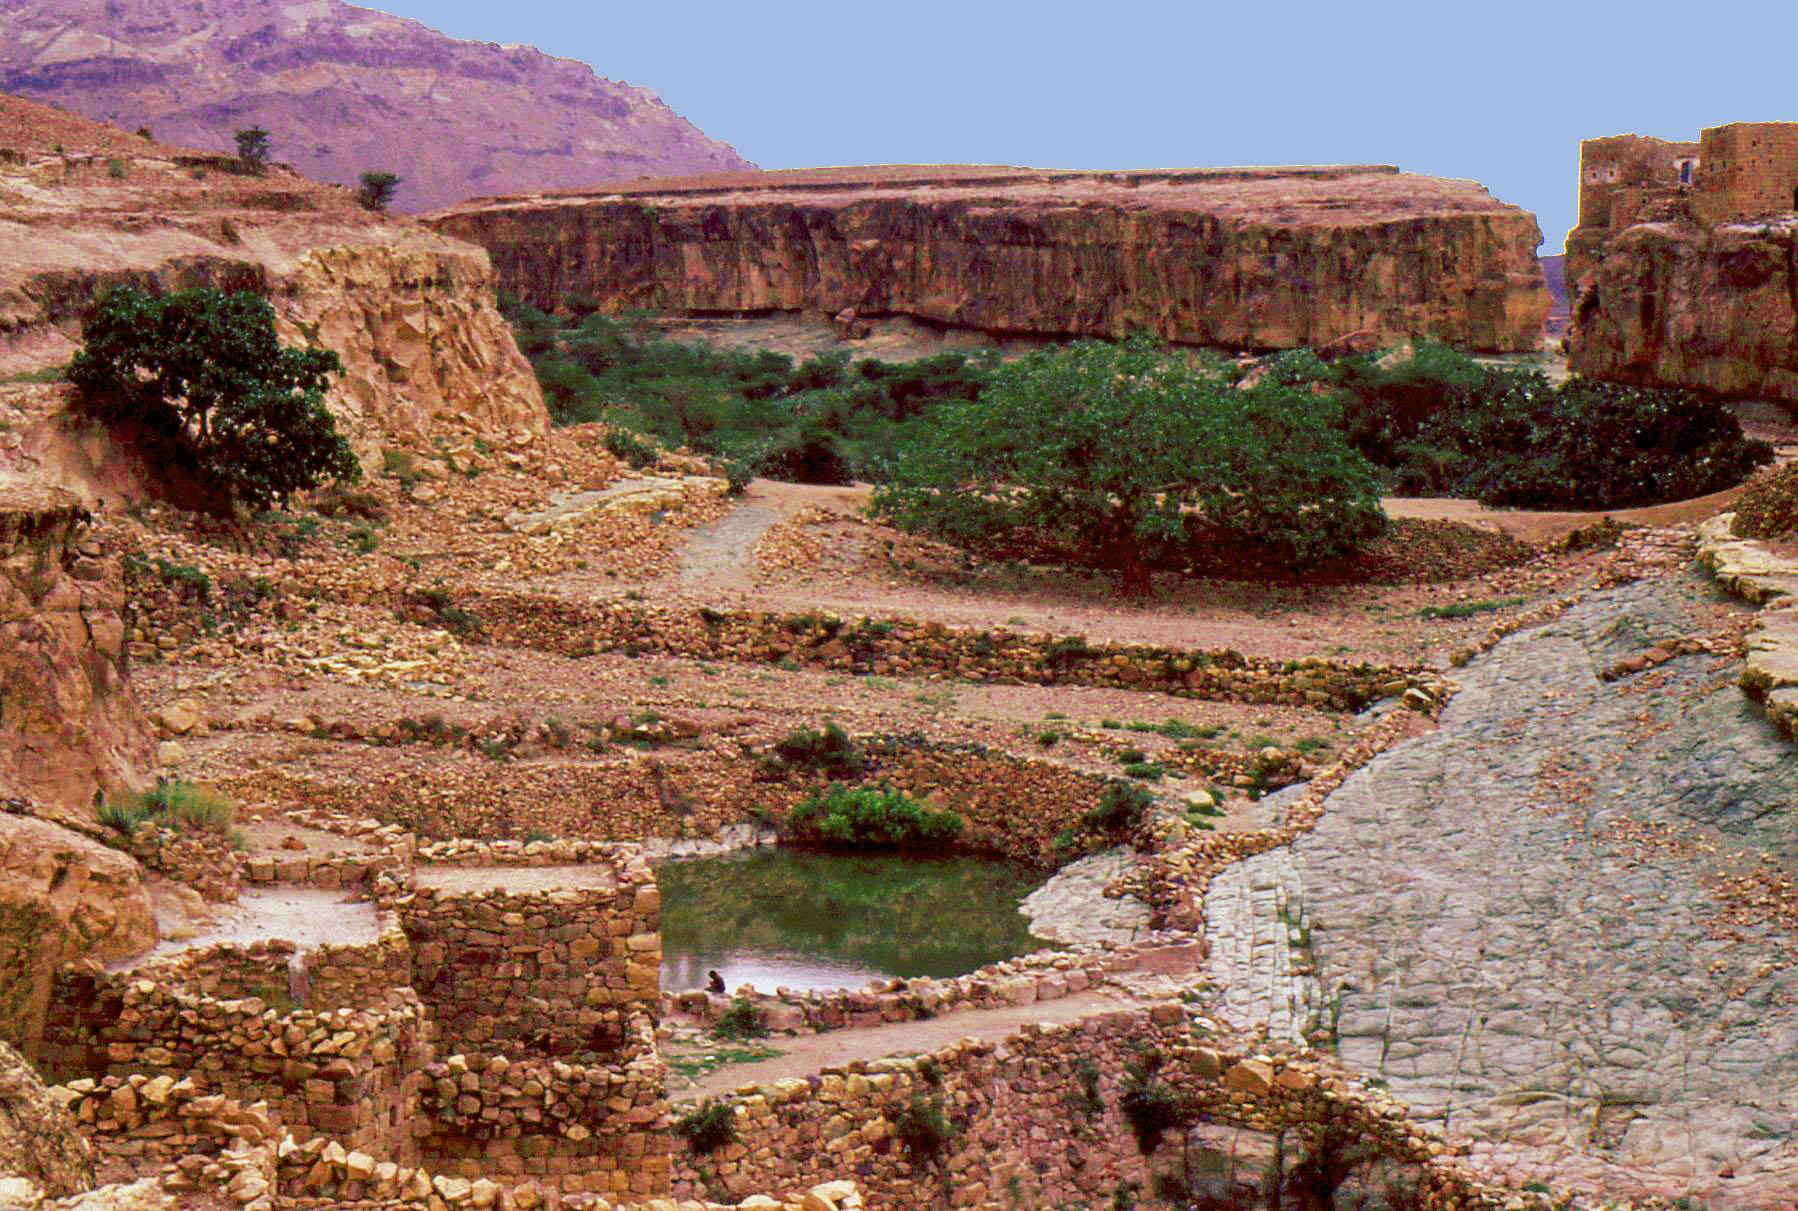 Pangea – Sistemi di raccolta dell'acqua – Water collection systems